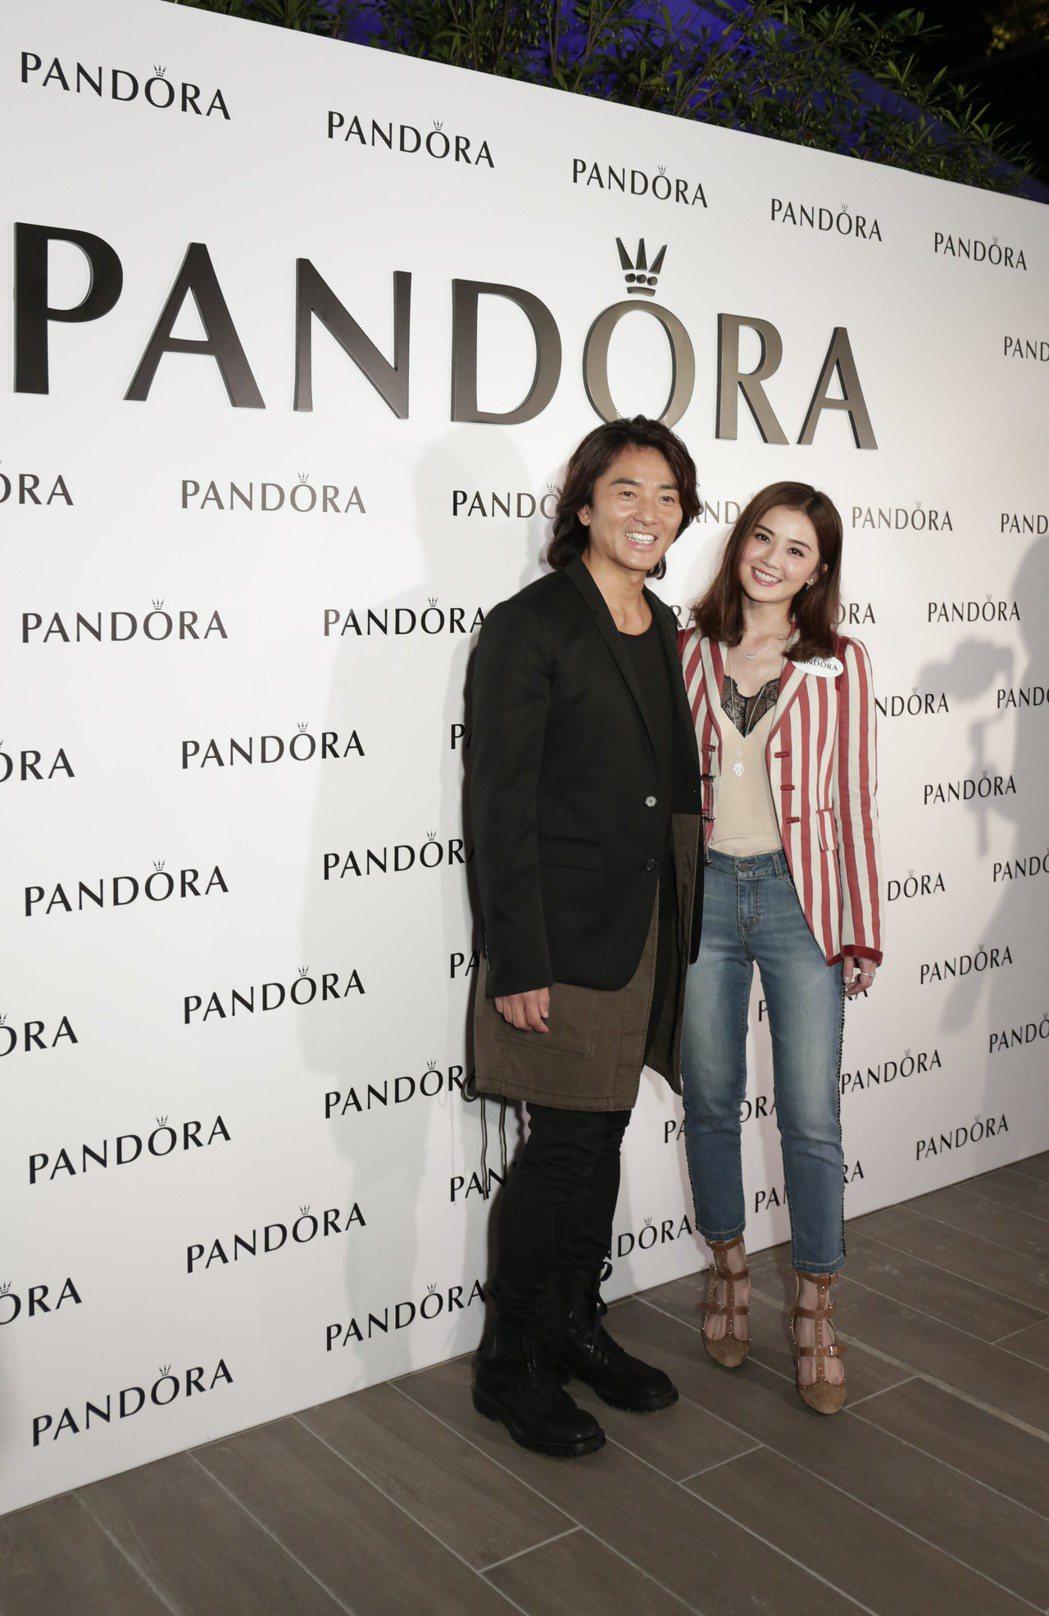 丹麥珠寶品牌PANDORA今日於香港舉辦秋冬媒體預覽和慶祝派對,請到阿Sa蔡卓妍